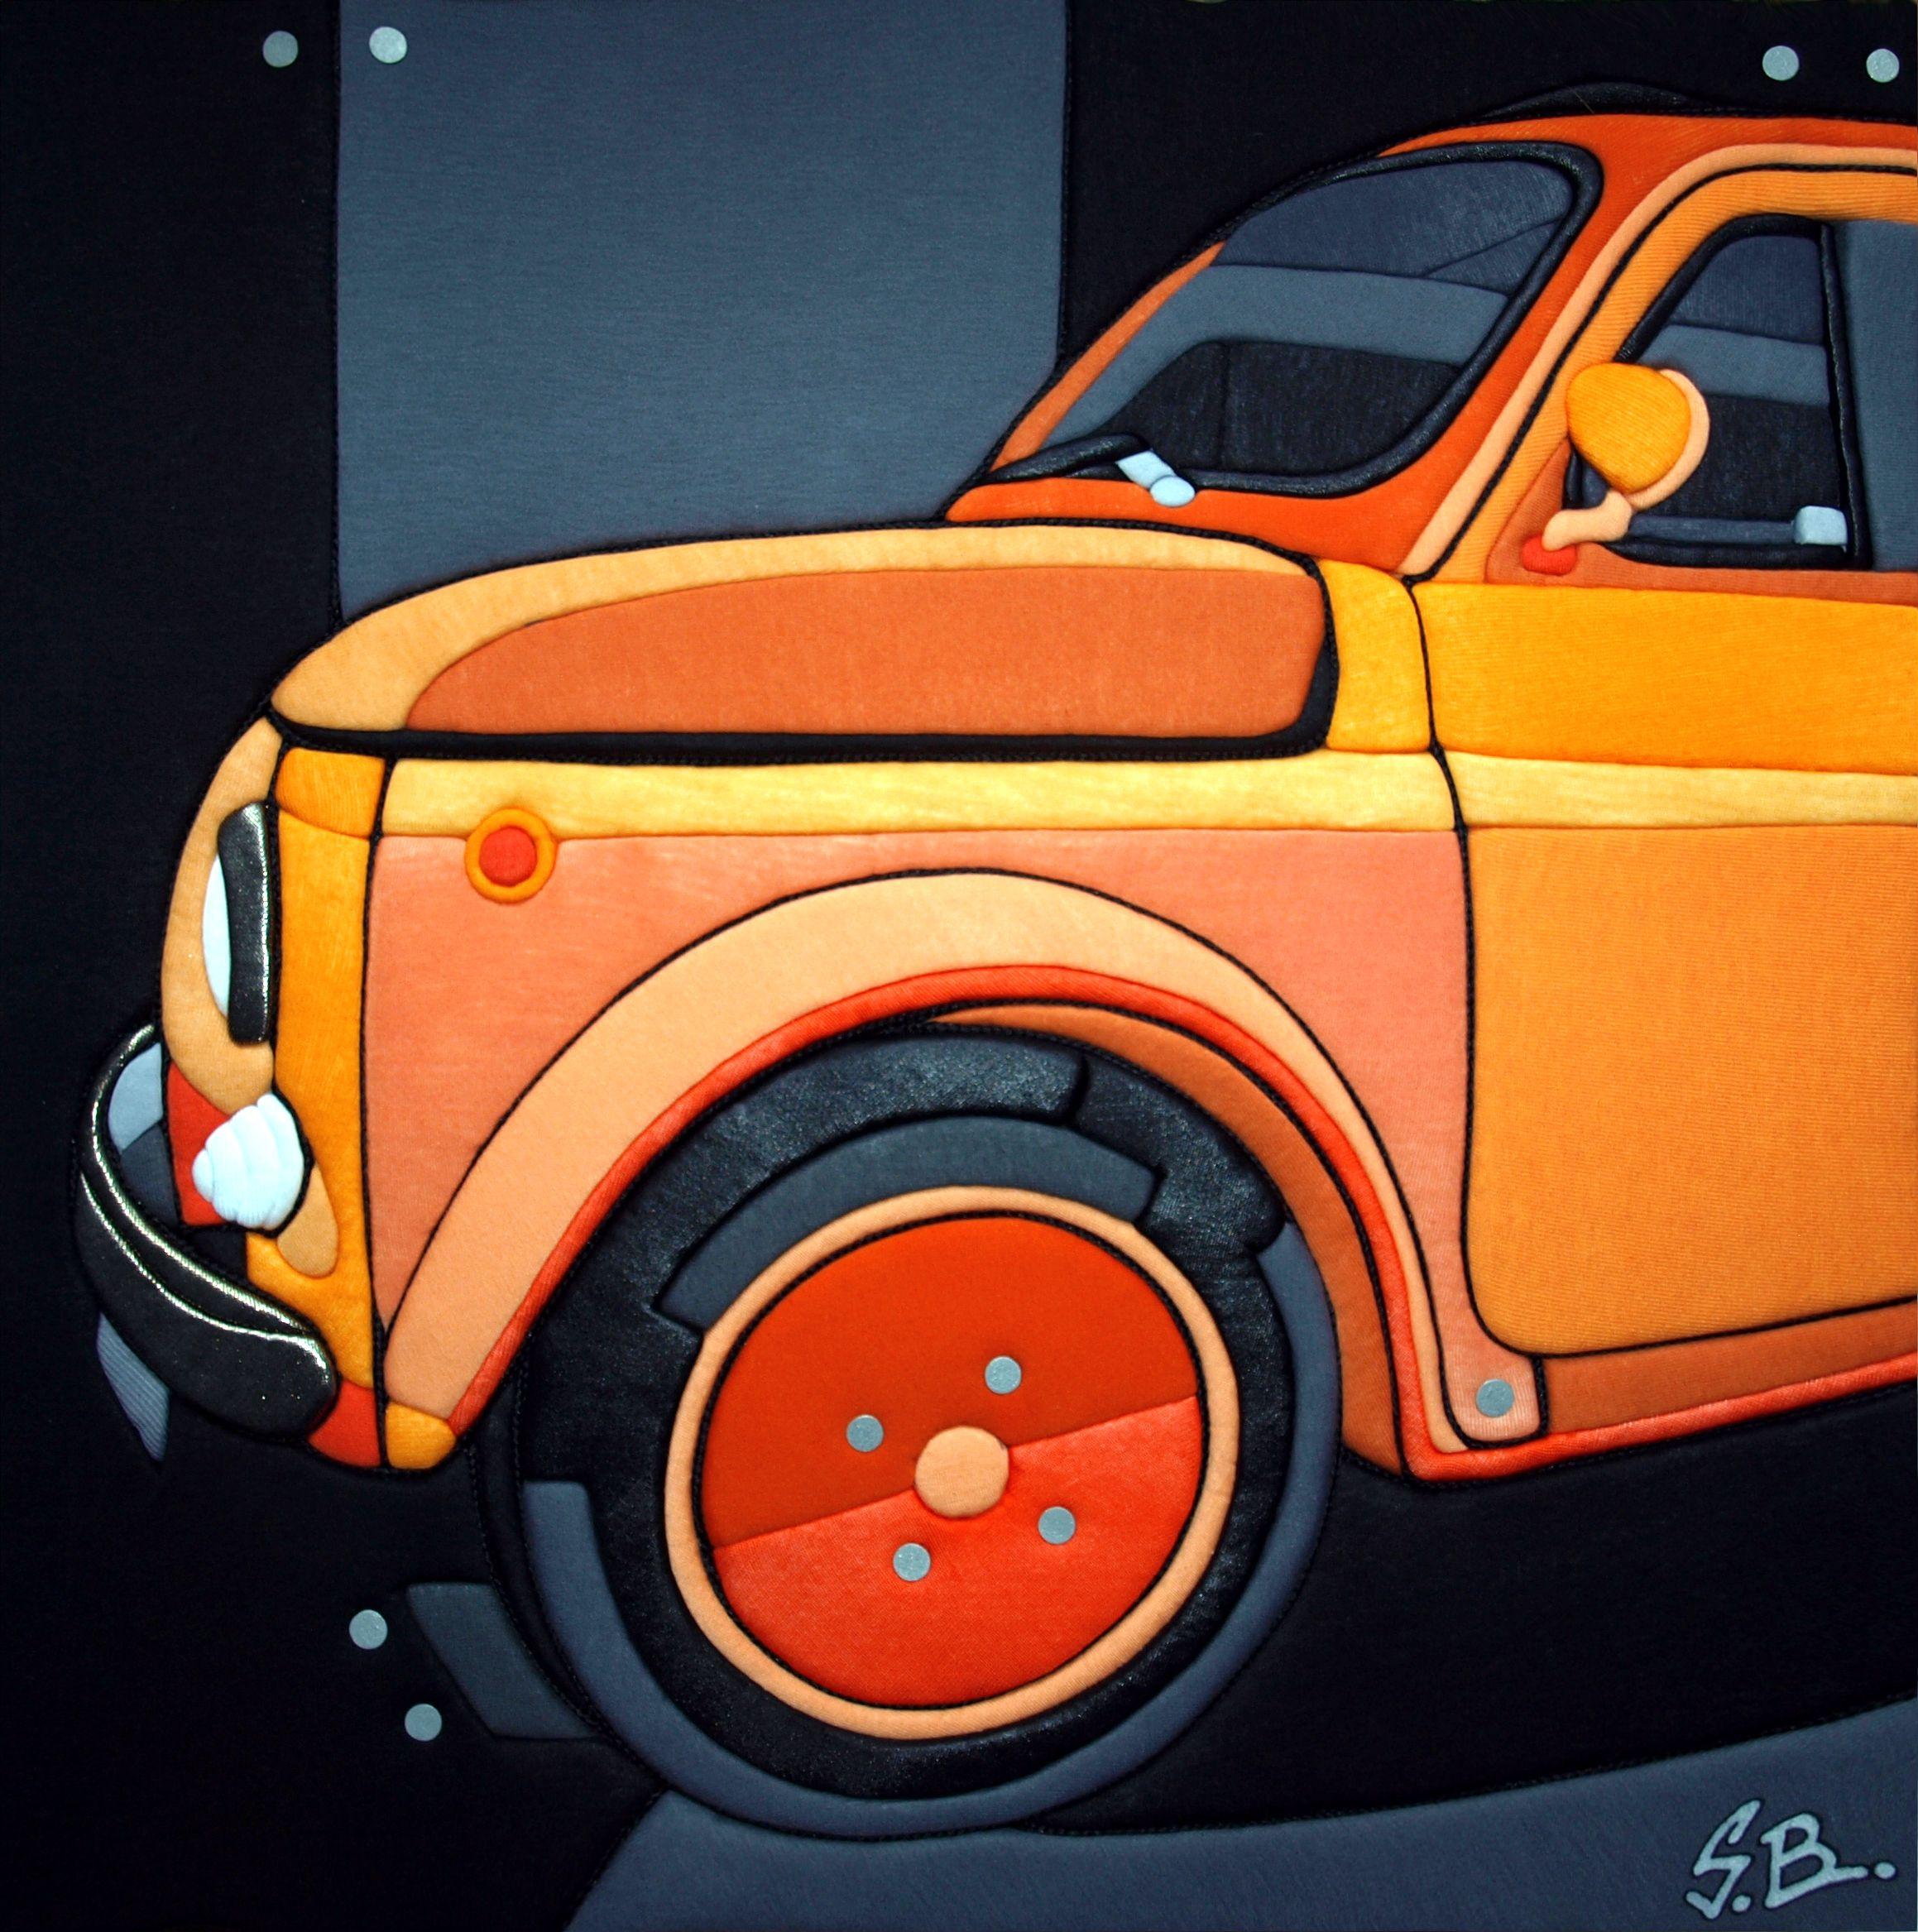 """Sculture Vestite di Stefano Bressani """"Fiat 500 Yuppi Du"""" 50x50x4 cm - 2012 Opera n° 183 All right reserved © (Private Collection)"""